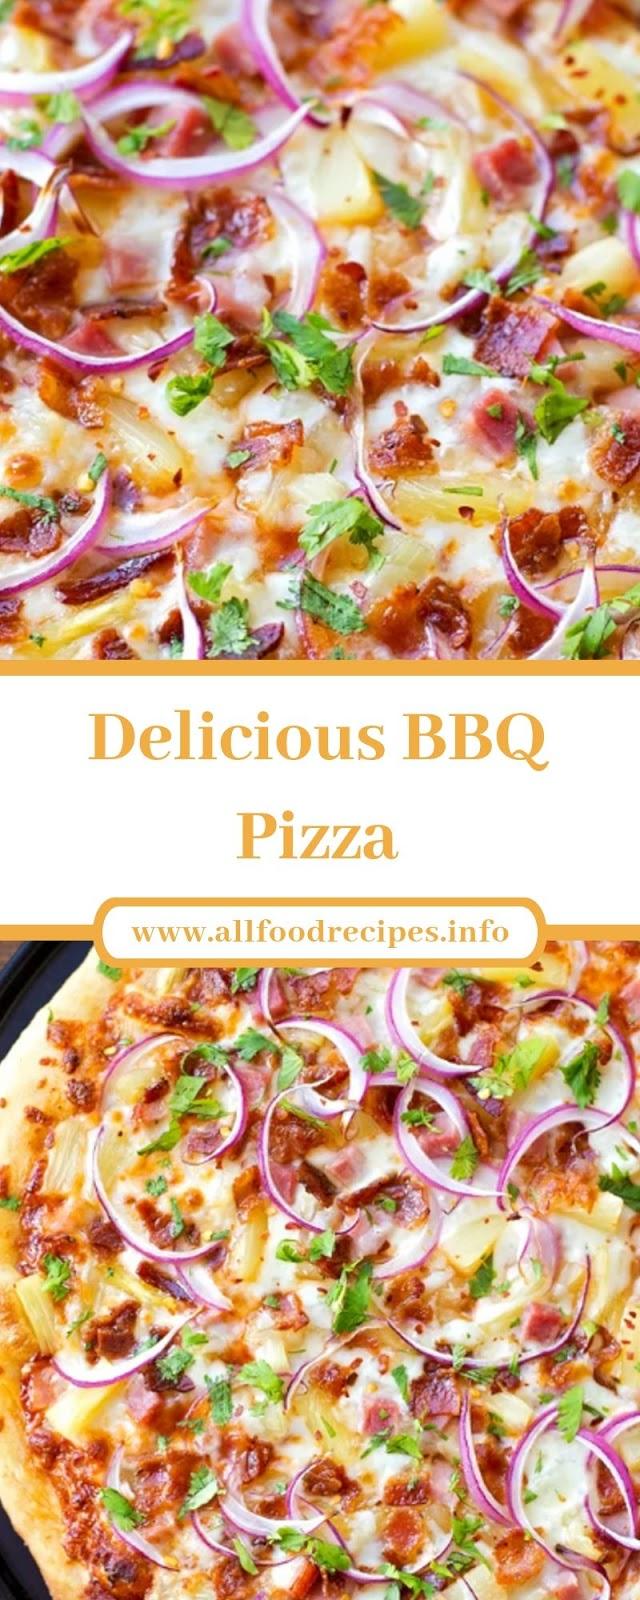 Delicious BBQ Pizza